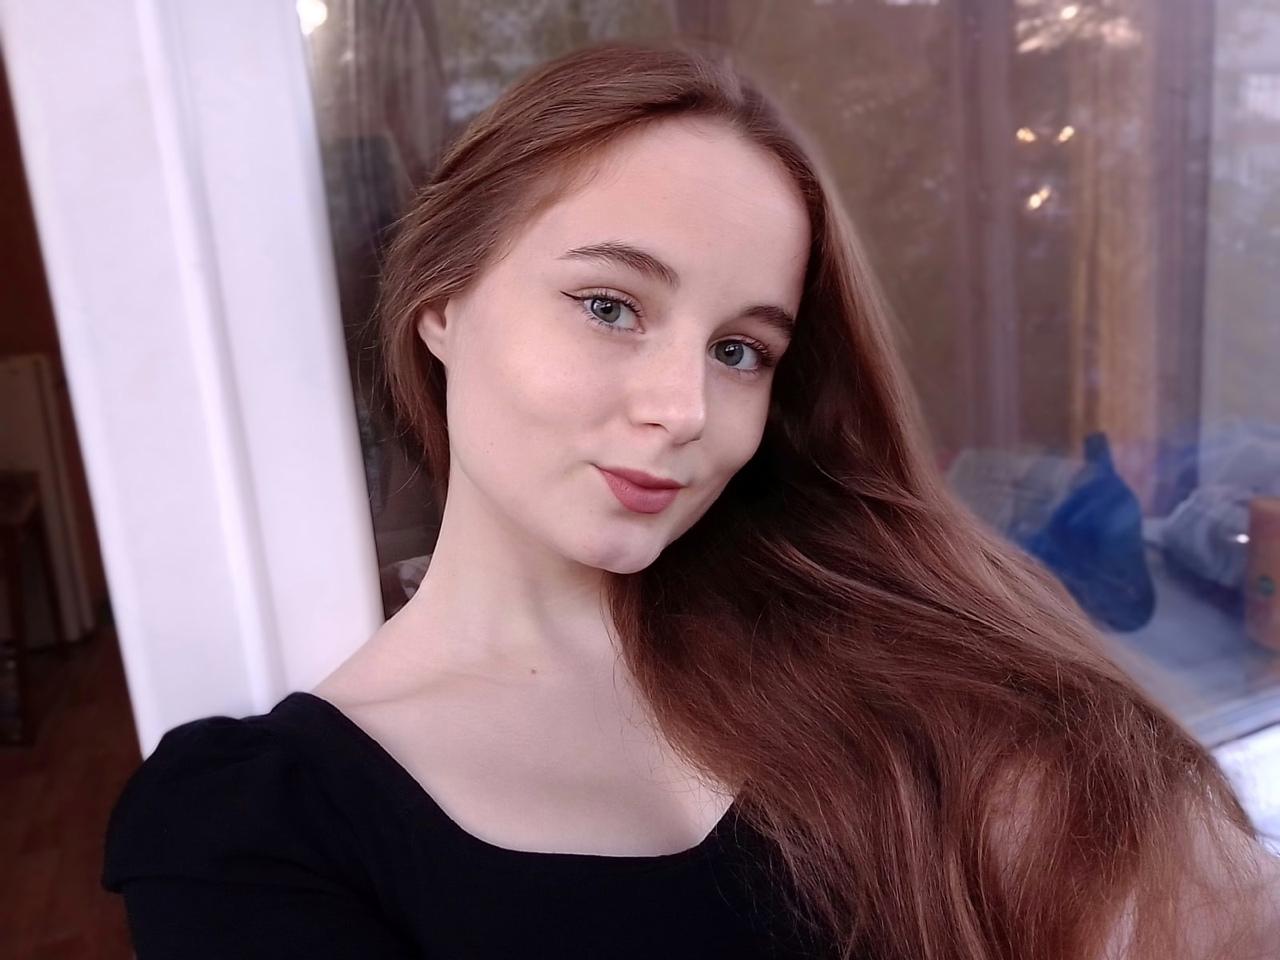 Жанна Лебедева, ЯПЭК Ярославль